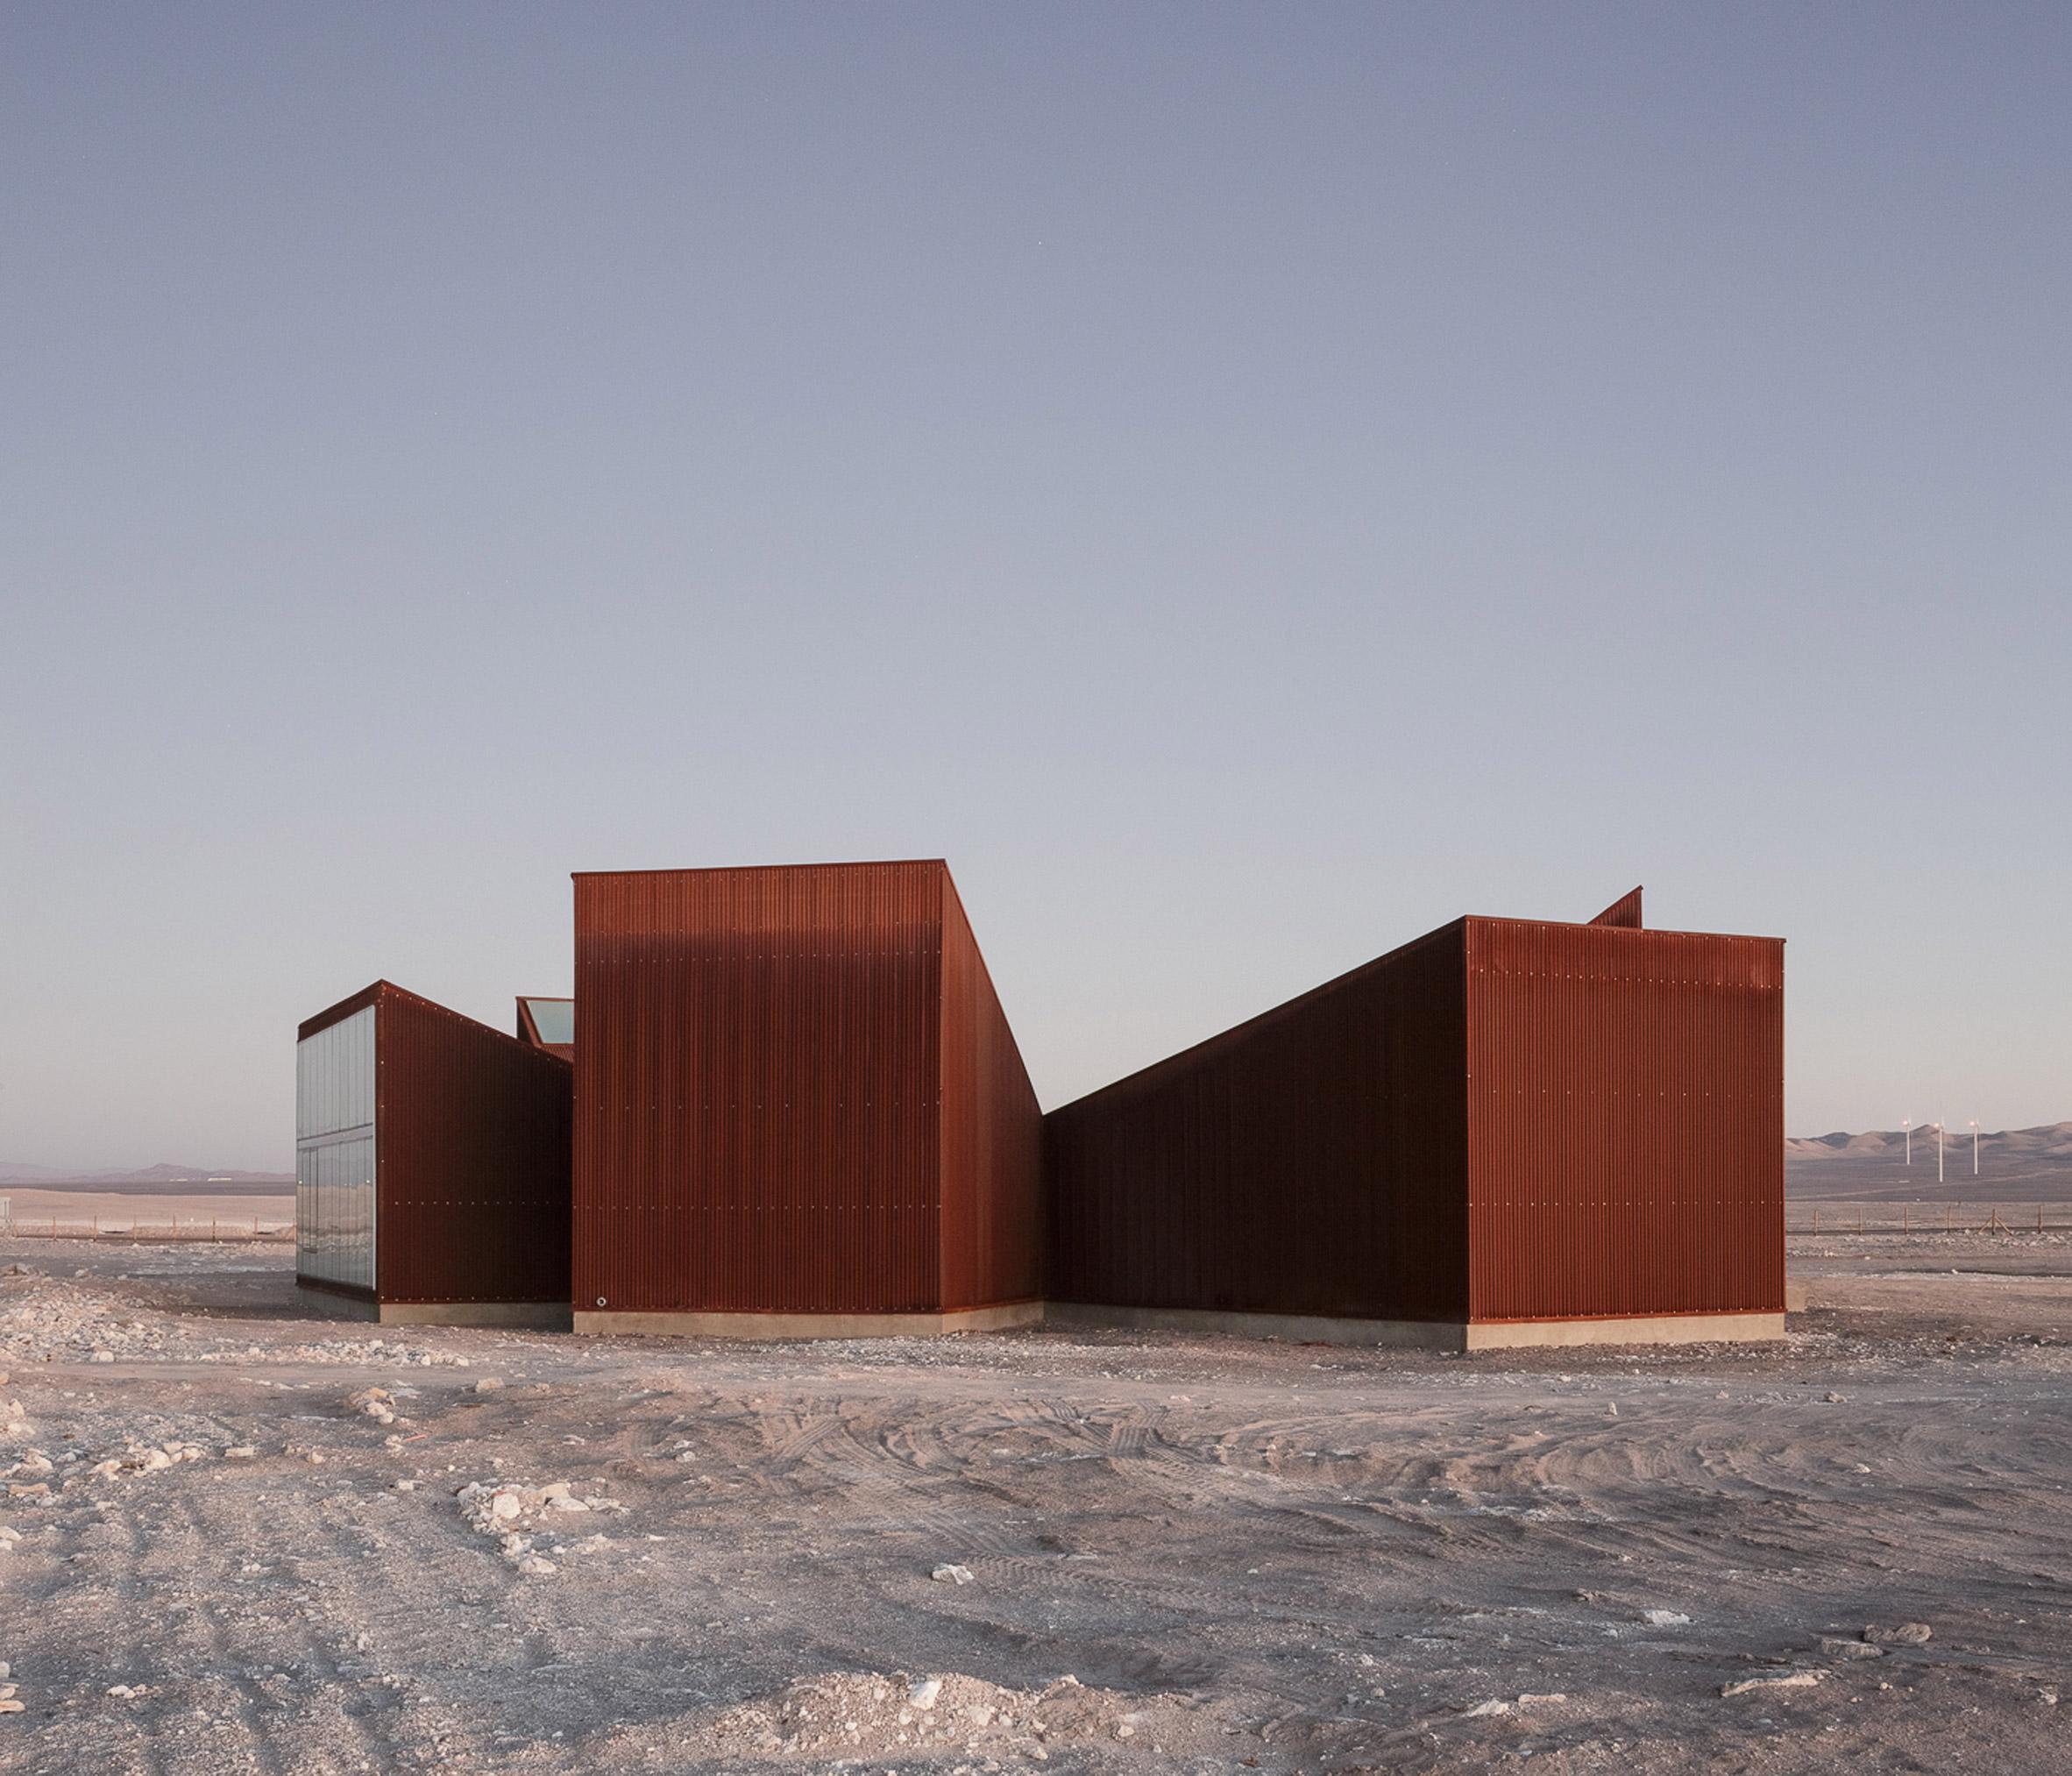 center-interpretation-desert-7.jpg